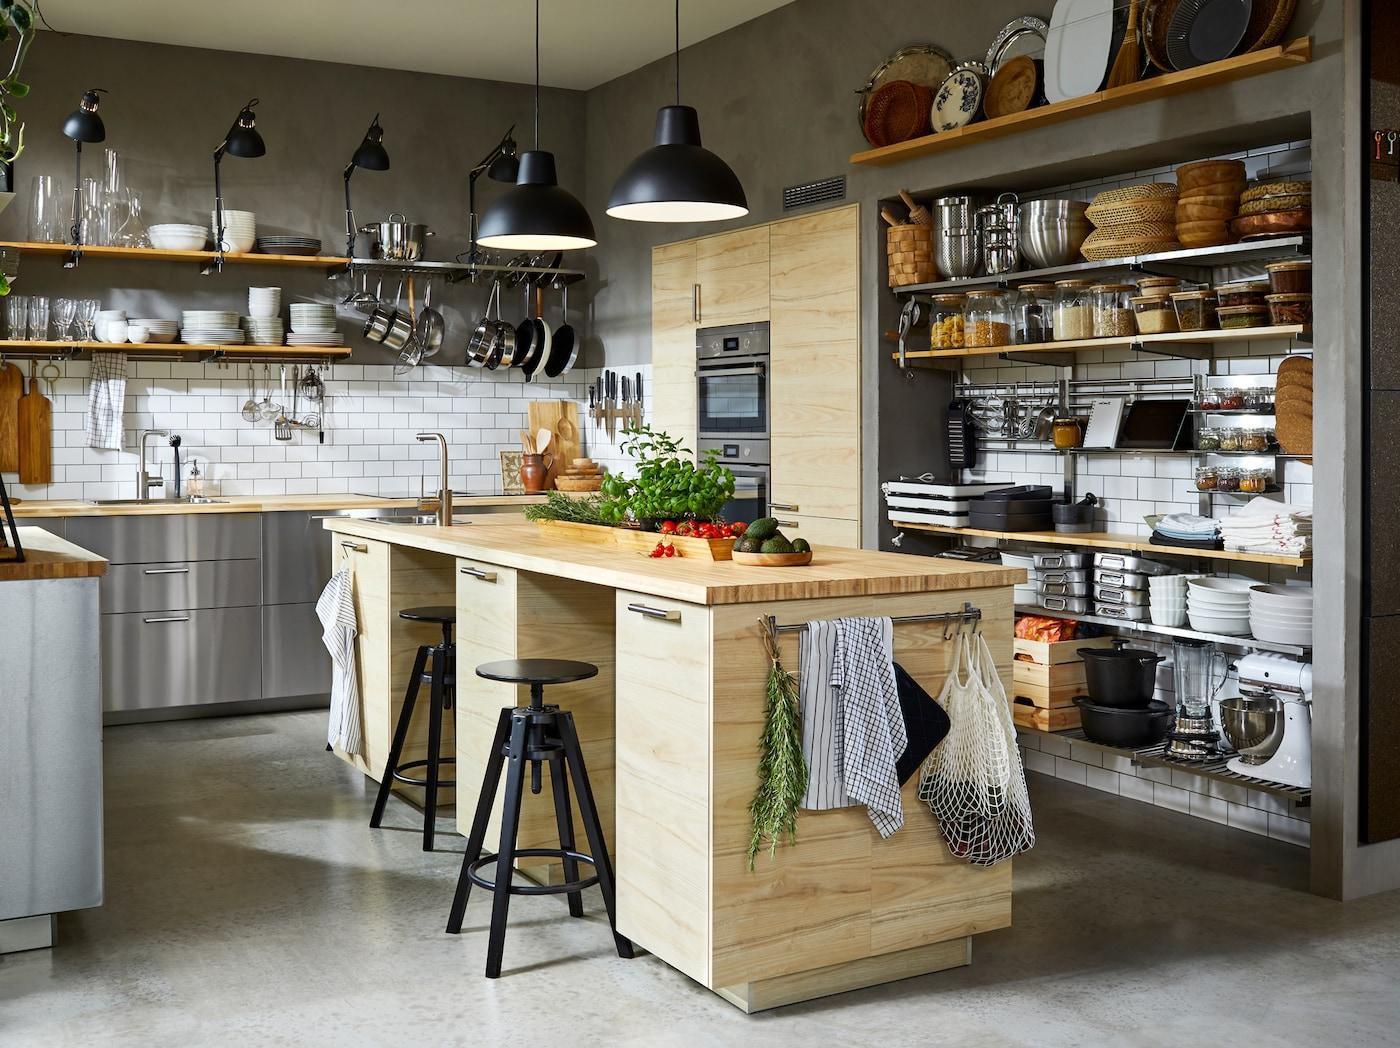 Кухня с фронтальным панелями из нержавеющей стали, два черных подвесных светильника и большой кухонный островок с двумя черными барными табуретами.